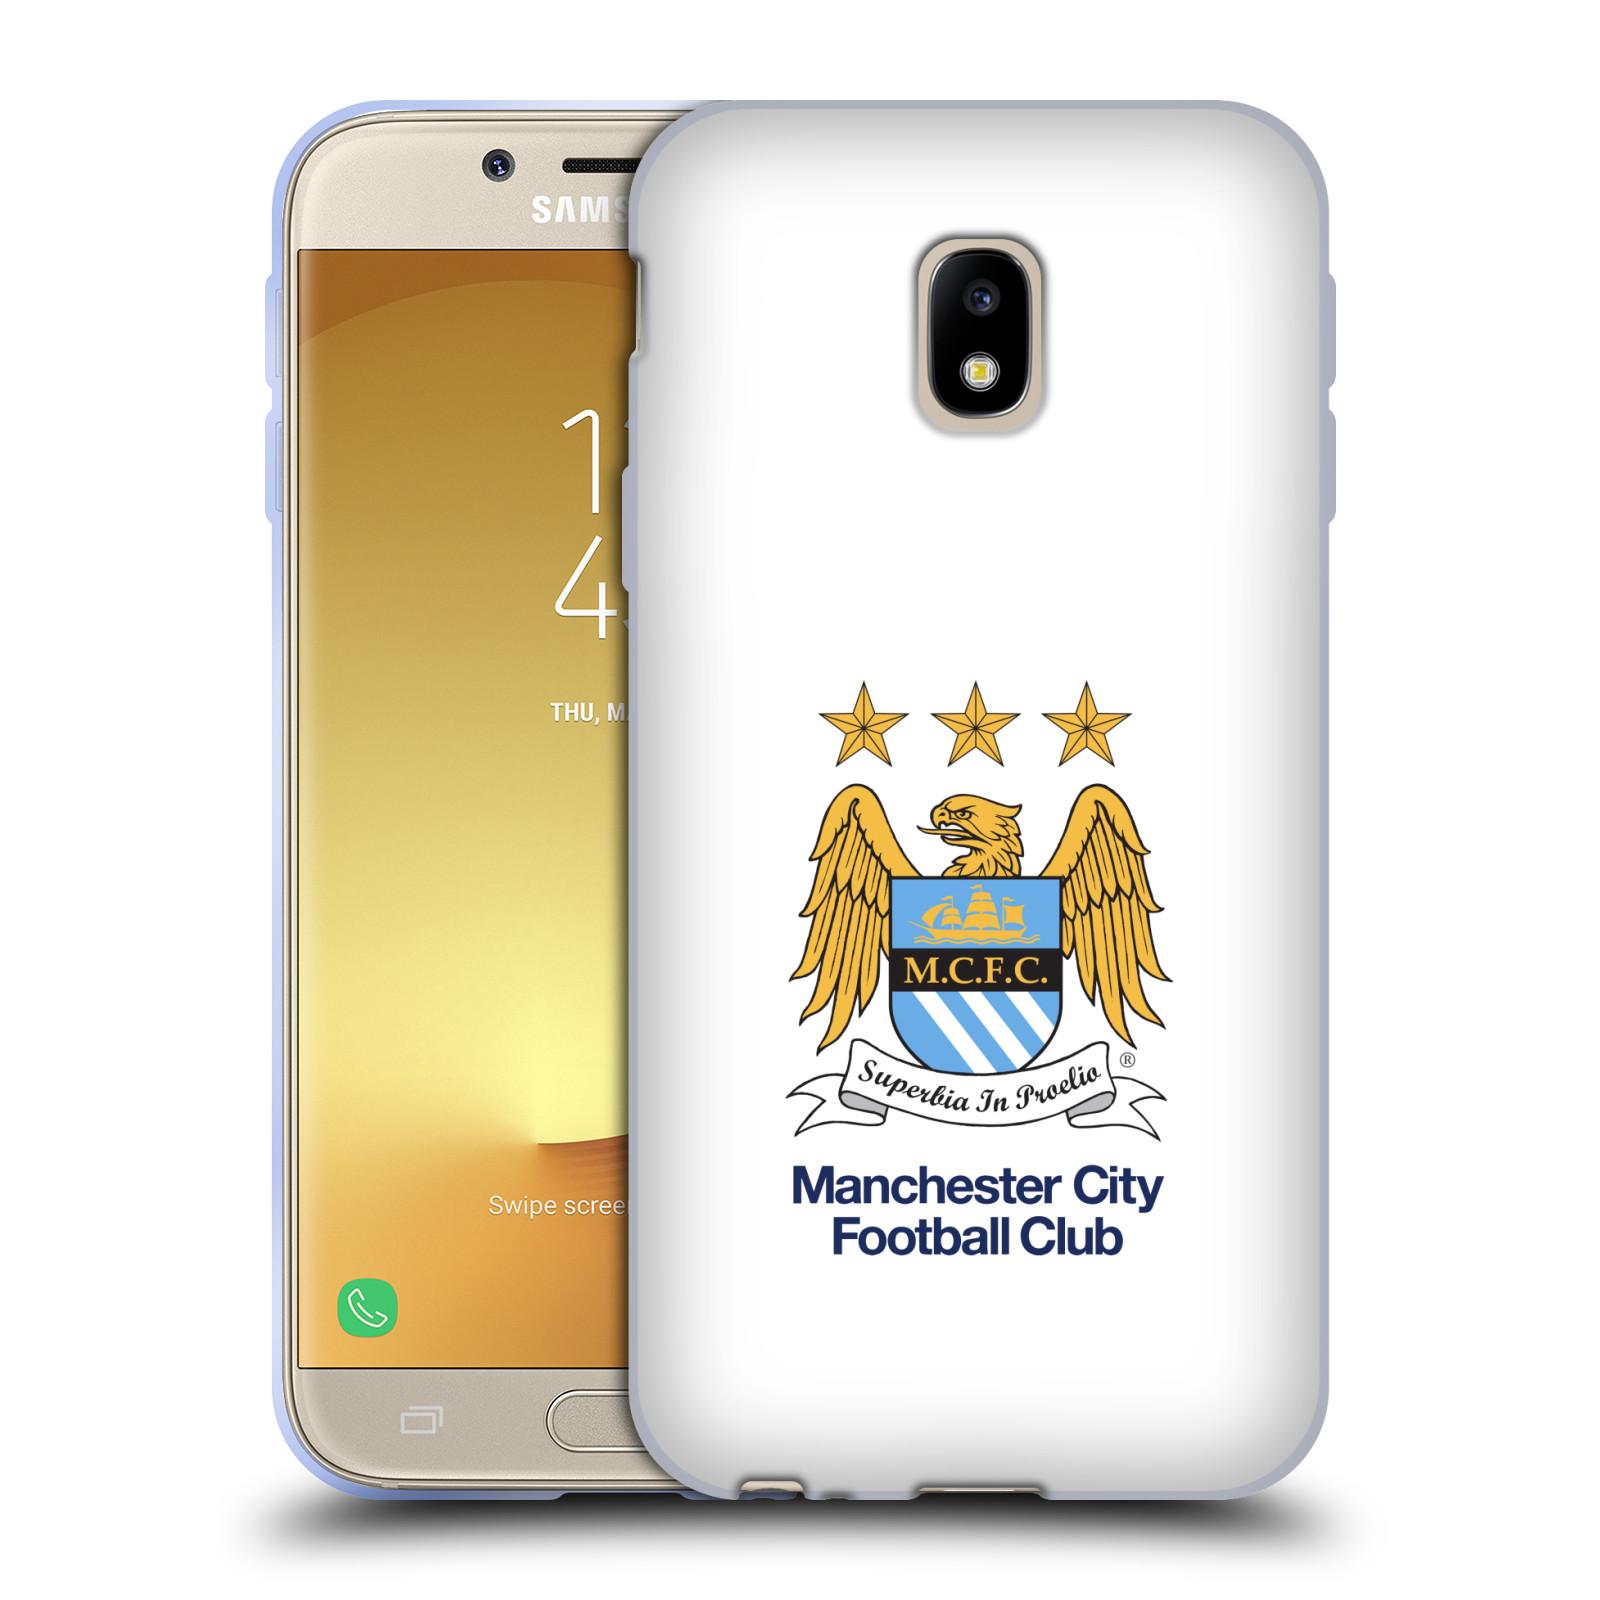 HEAD CASE silikonový obal na mobil Samsung Galaxy J3 2017 (J330, J330F) Fotbalový klub Manchester City bílé pozadí velký znak pták